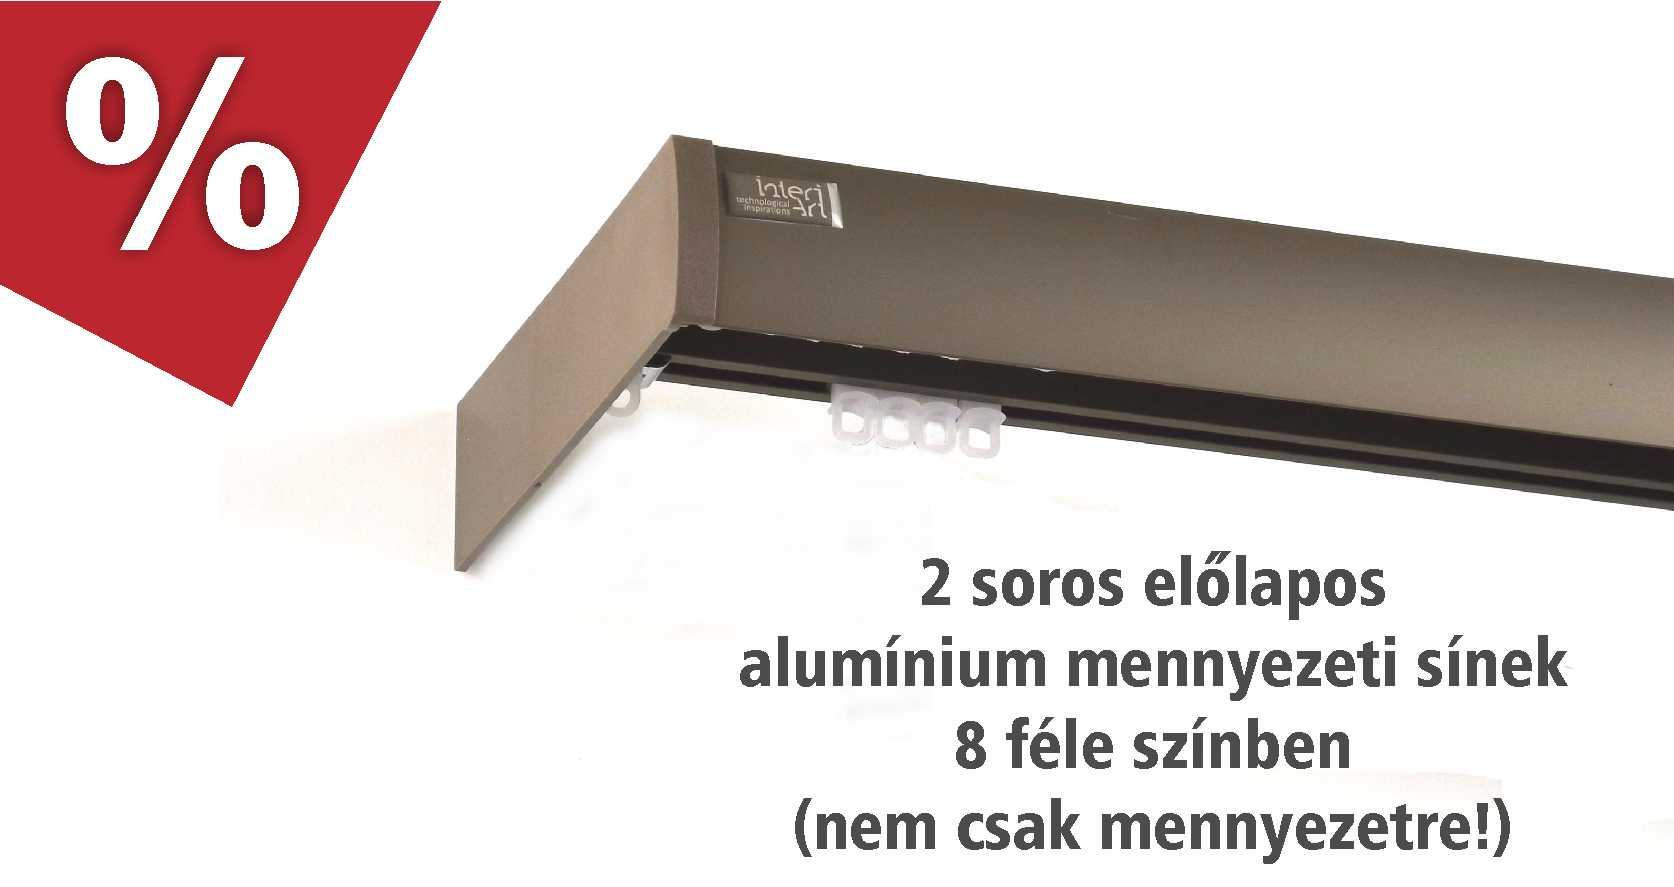 2 soros előlapos alumínium függönysínek februárban kedvezményes áron - www.karnisstudio.hu